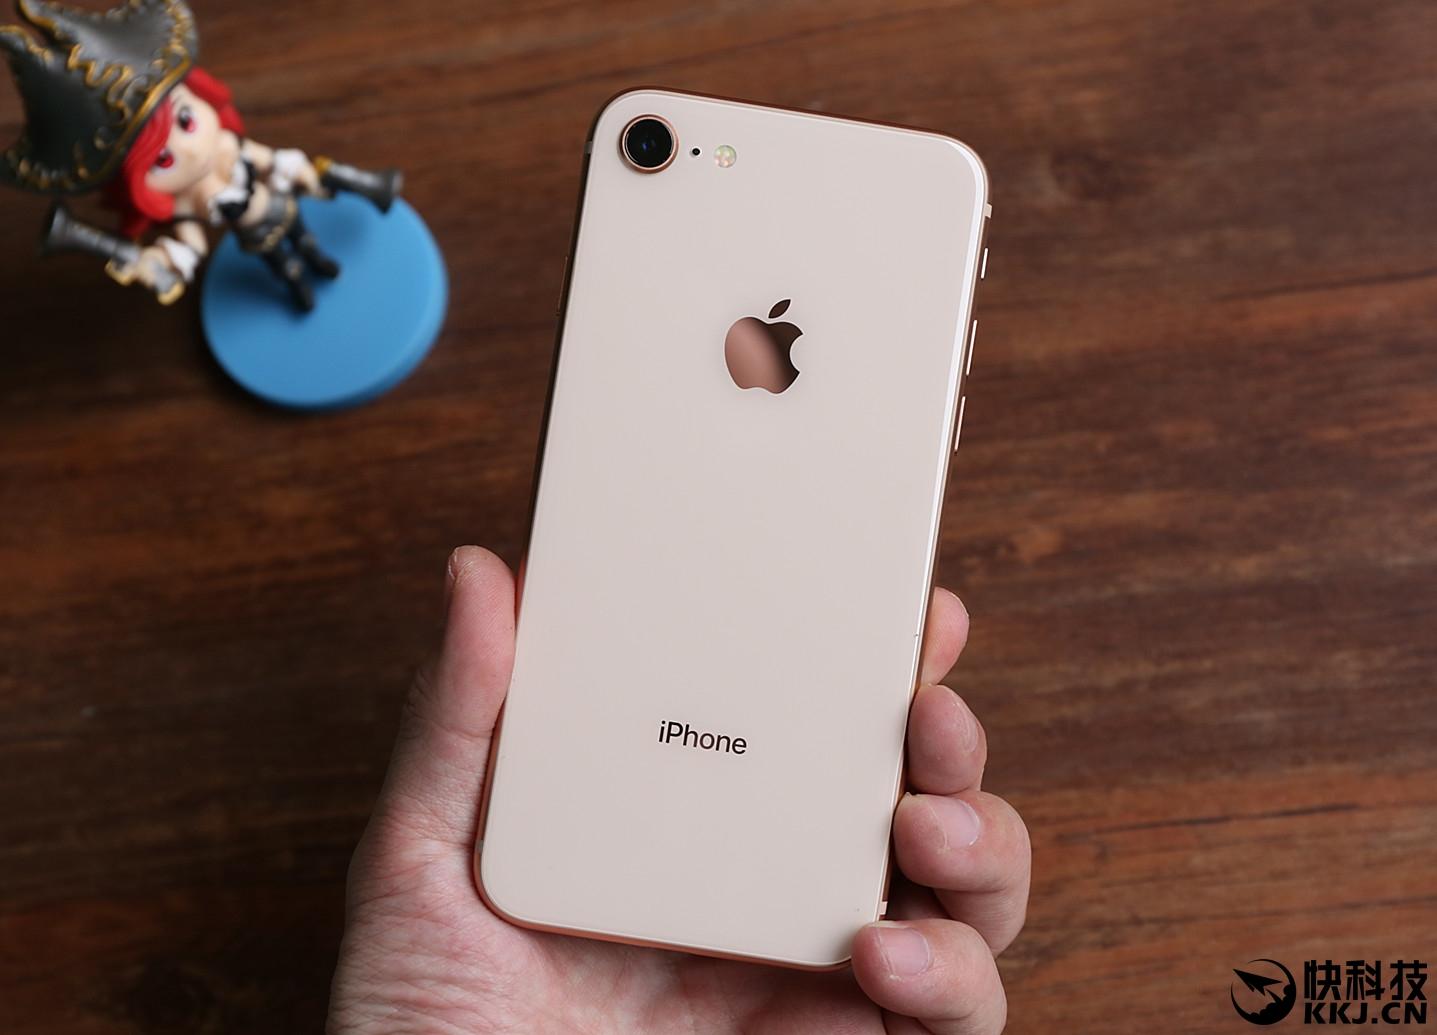 手机苹果大半天过去了,ifixit的iphone8v手机还没有完工,目前刚刚将有限公司数控设备金济南硕图片